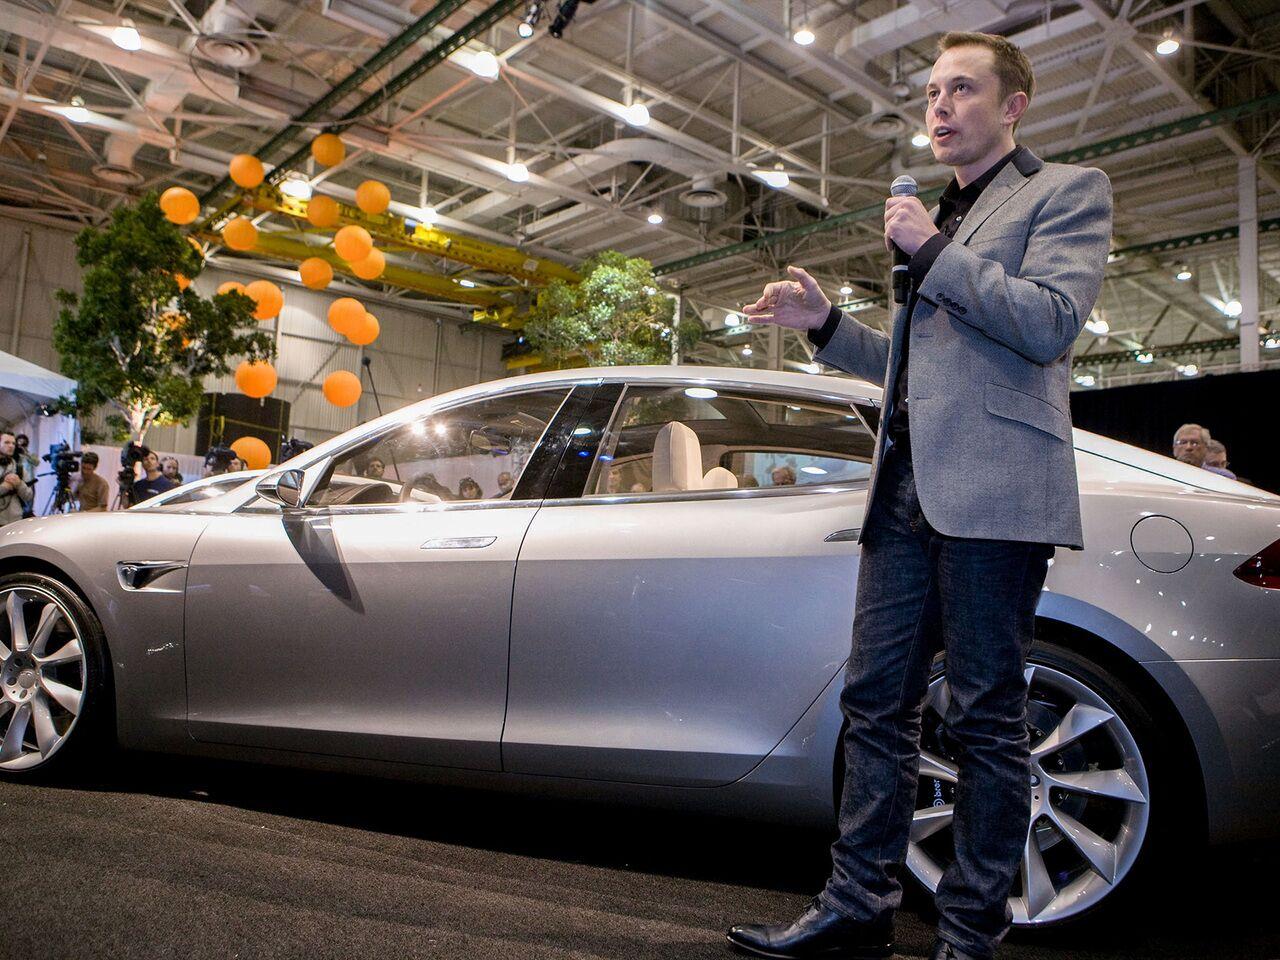 Sentimenti Post - Tesla: qual è La criptovaluta